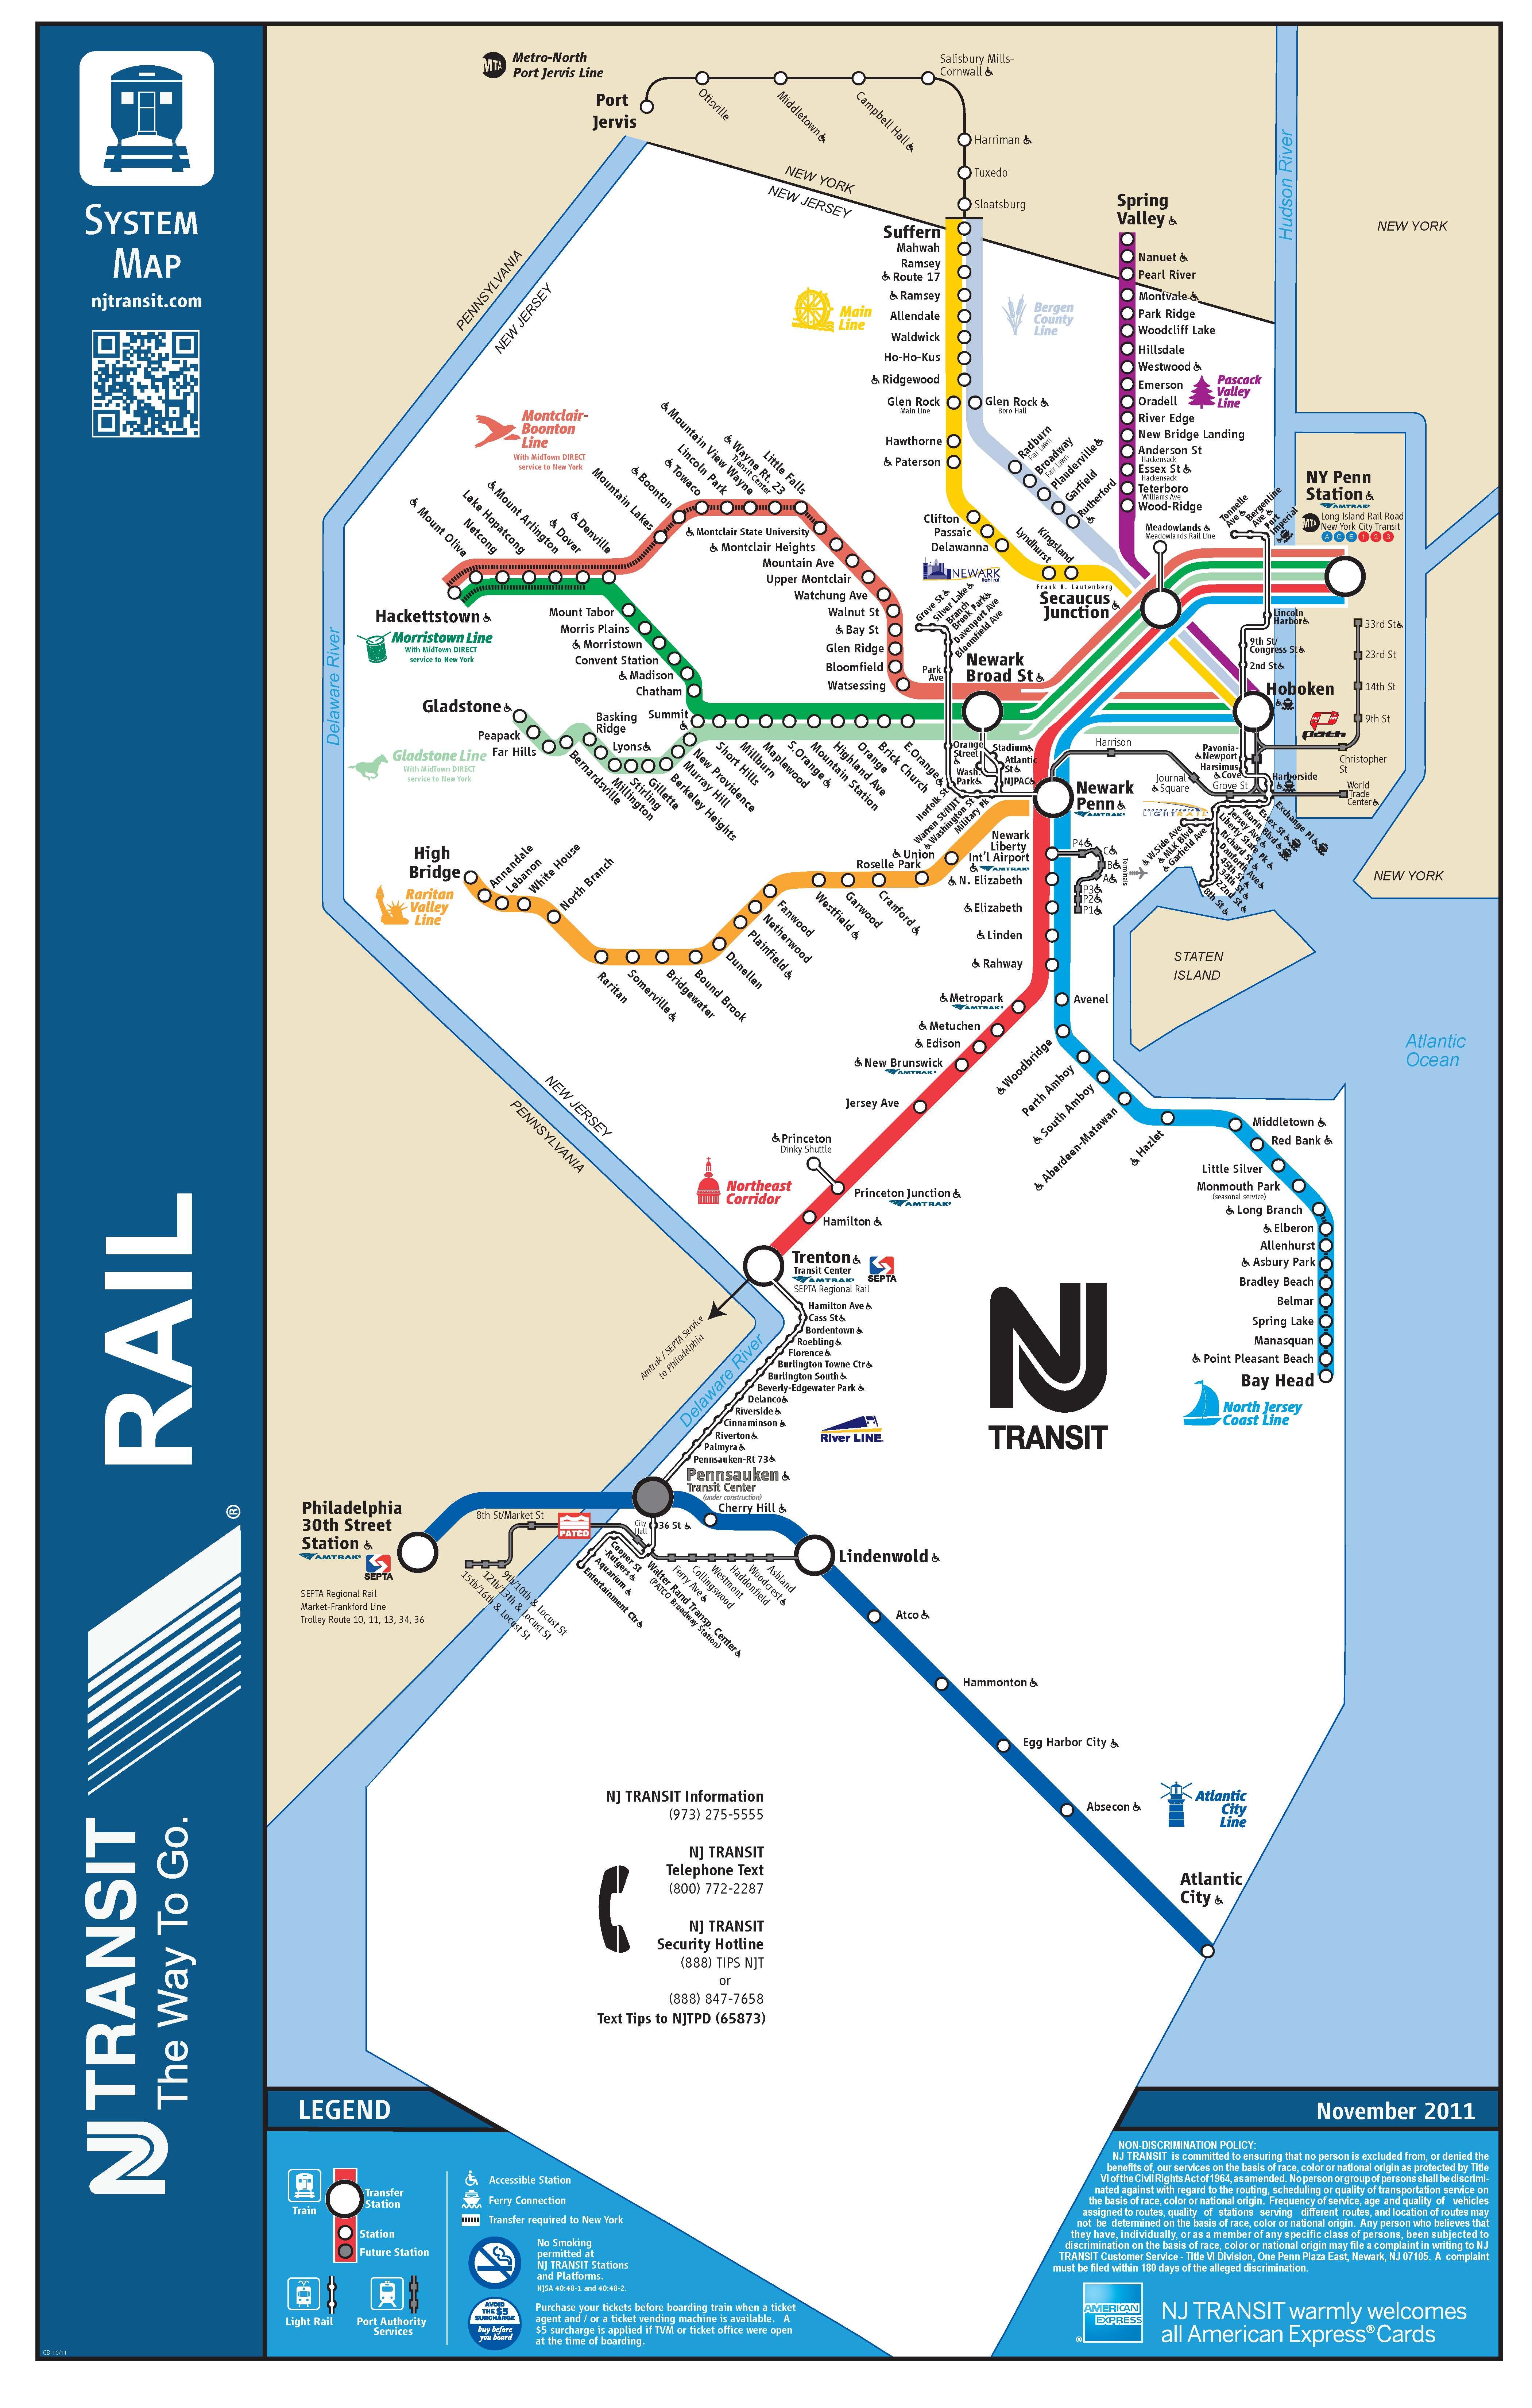 nj transit's new map! - greater mercer tma